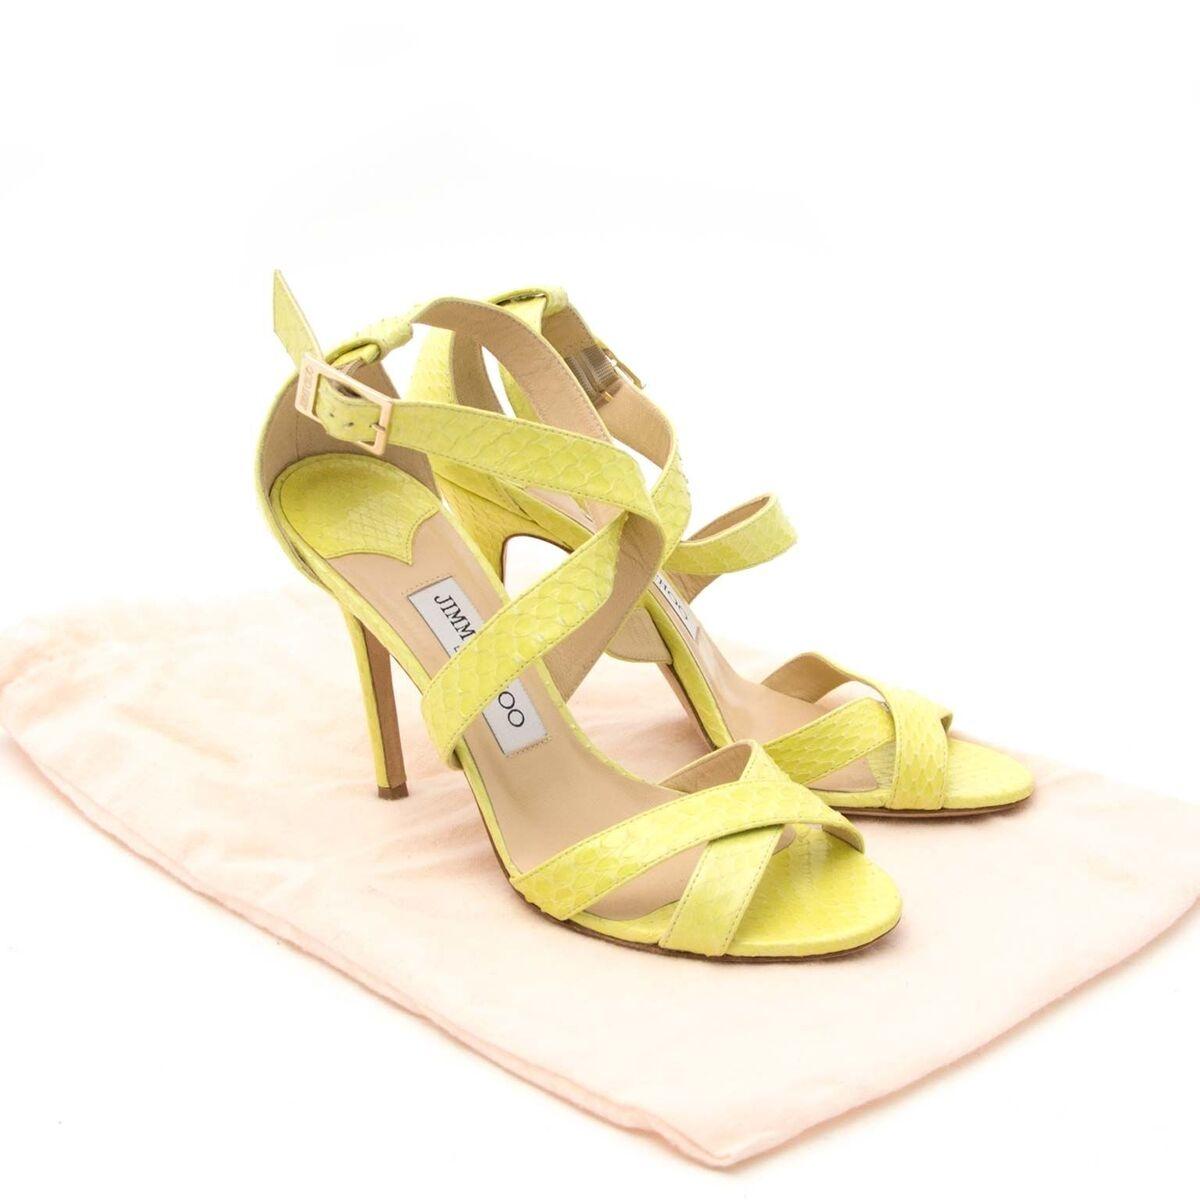 Compra zapatos Jimmy Choo muy en moda para el precio correcto en LabelLOV.